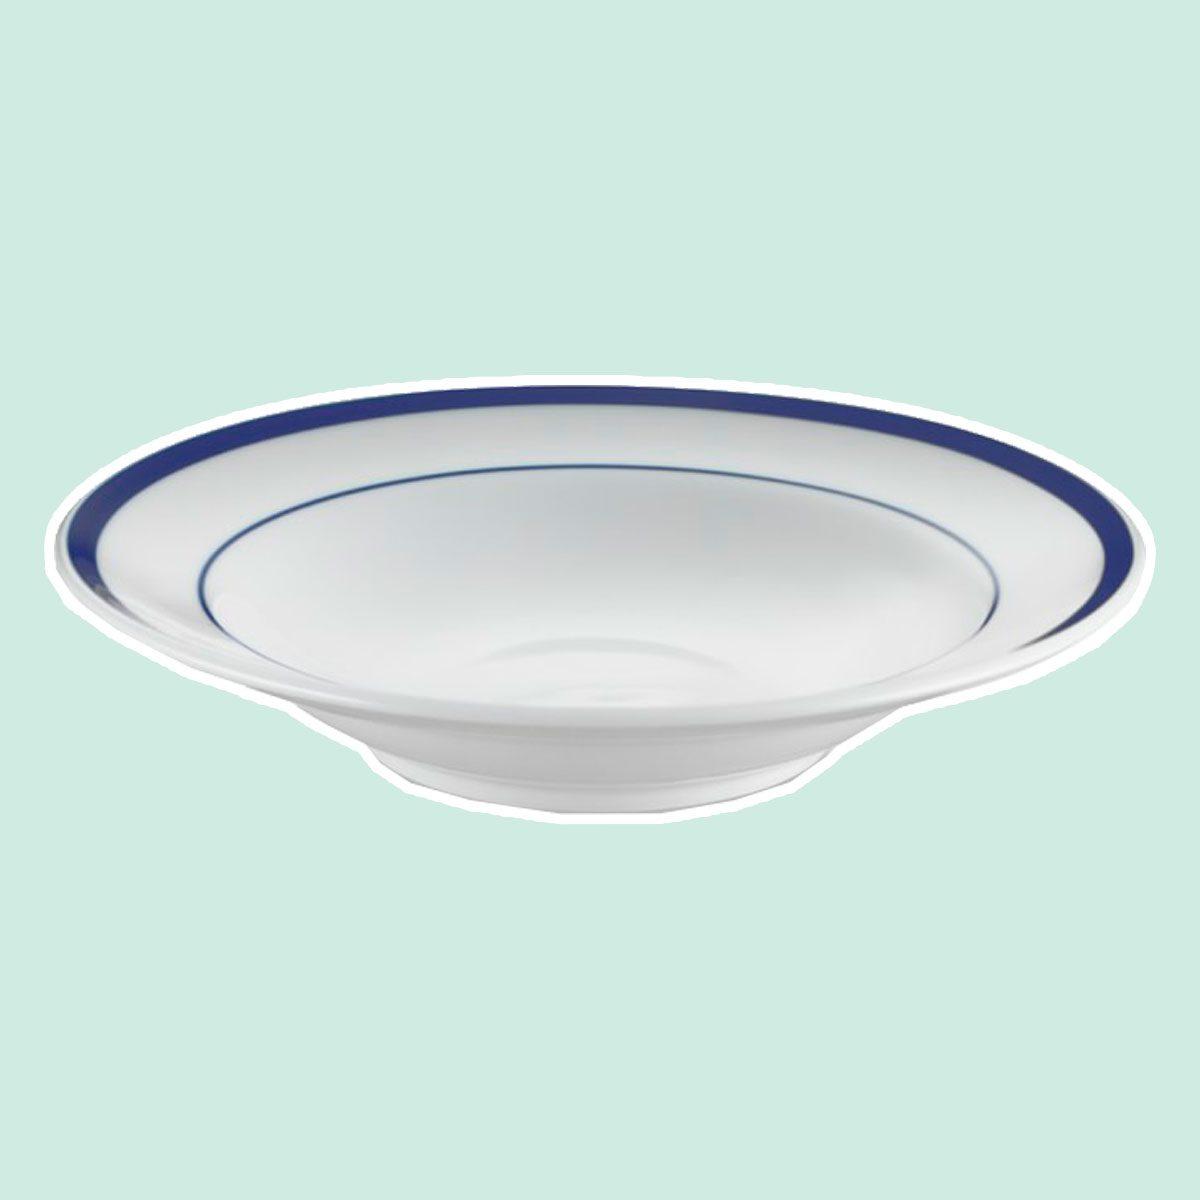 Brasserie Blue-Banded Porcelain Soup Bowls